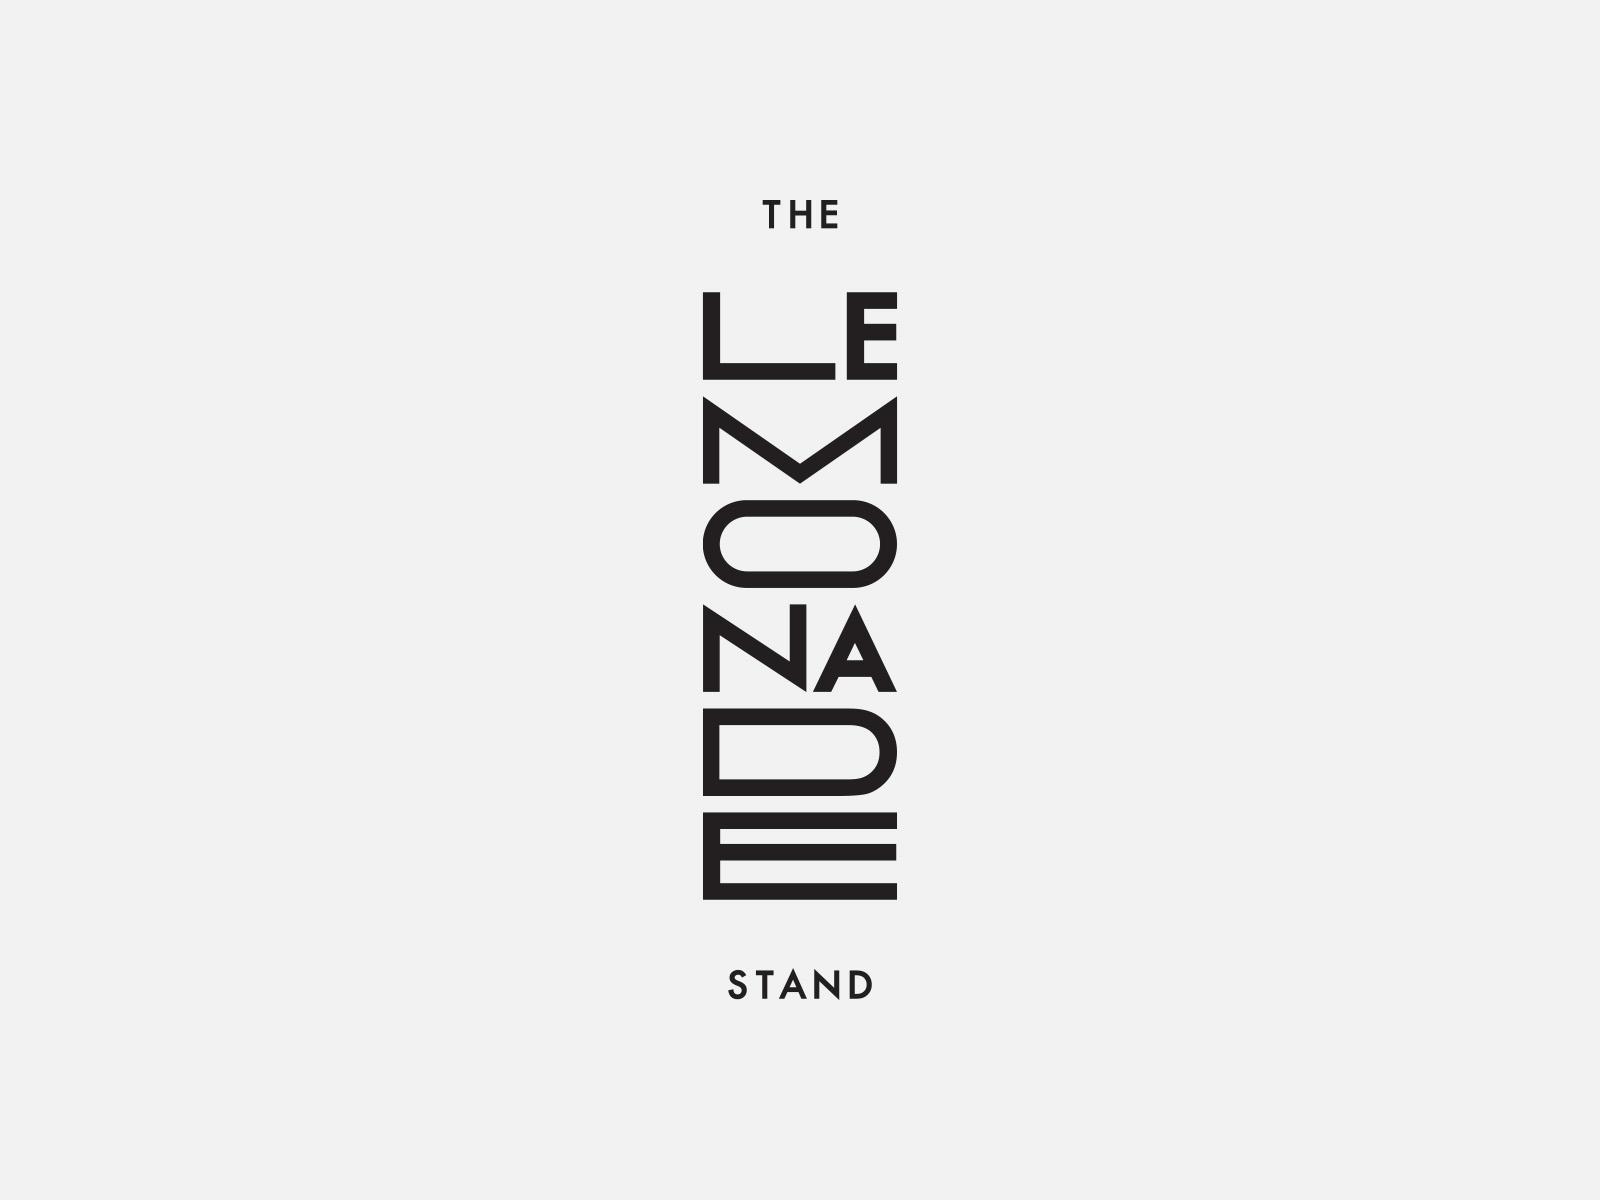 The Lemonade Stand by Leo Burnett Design